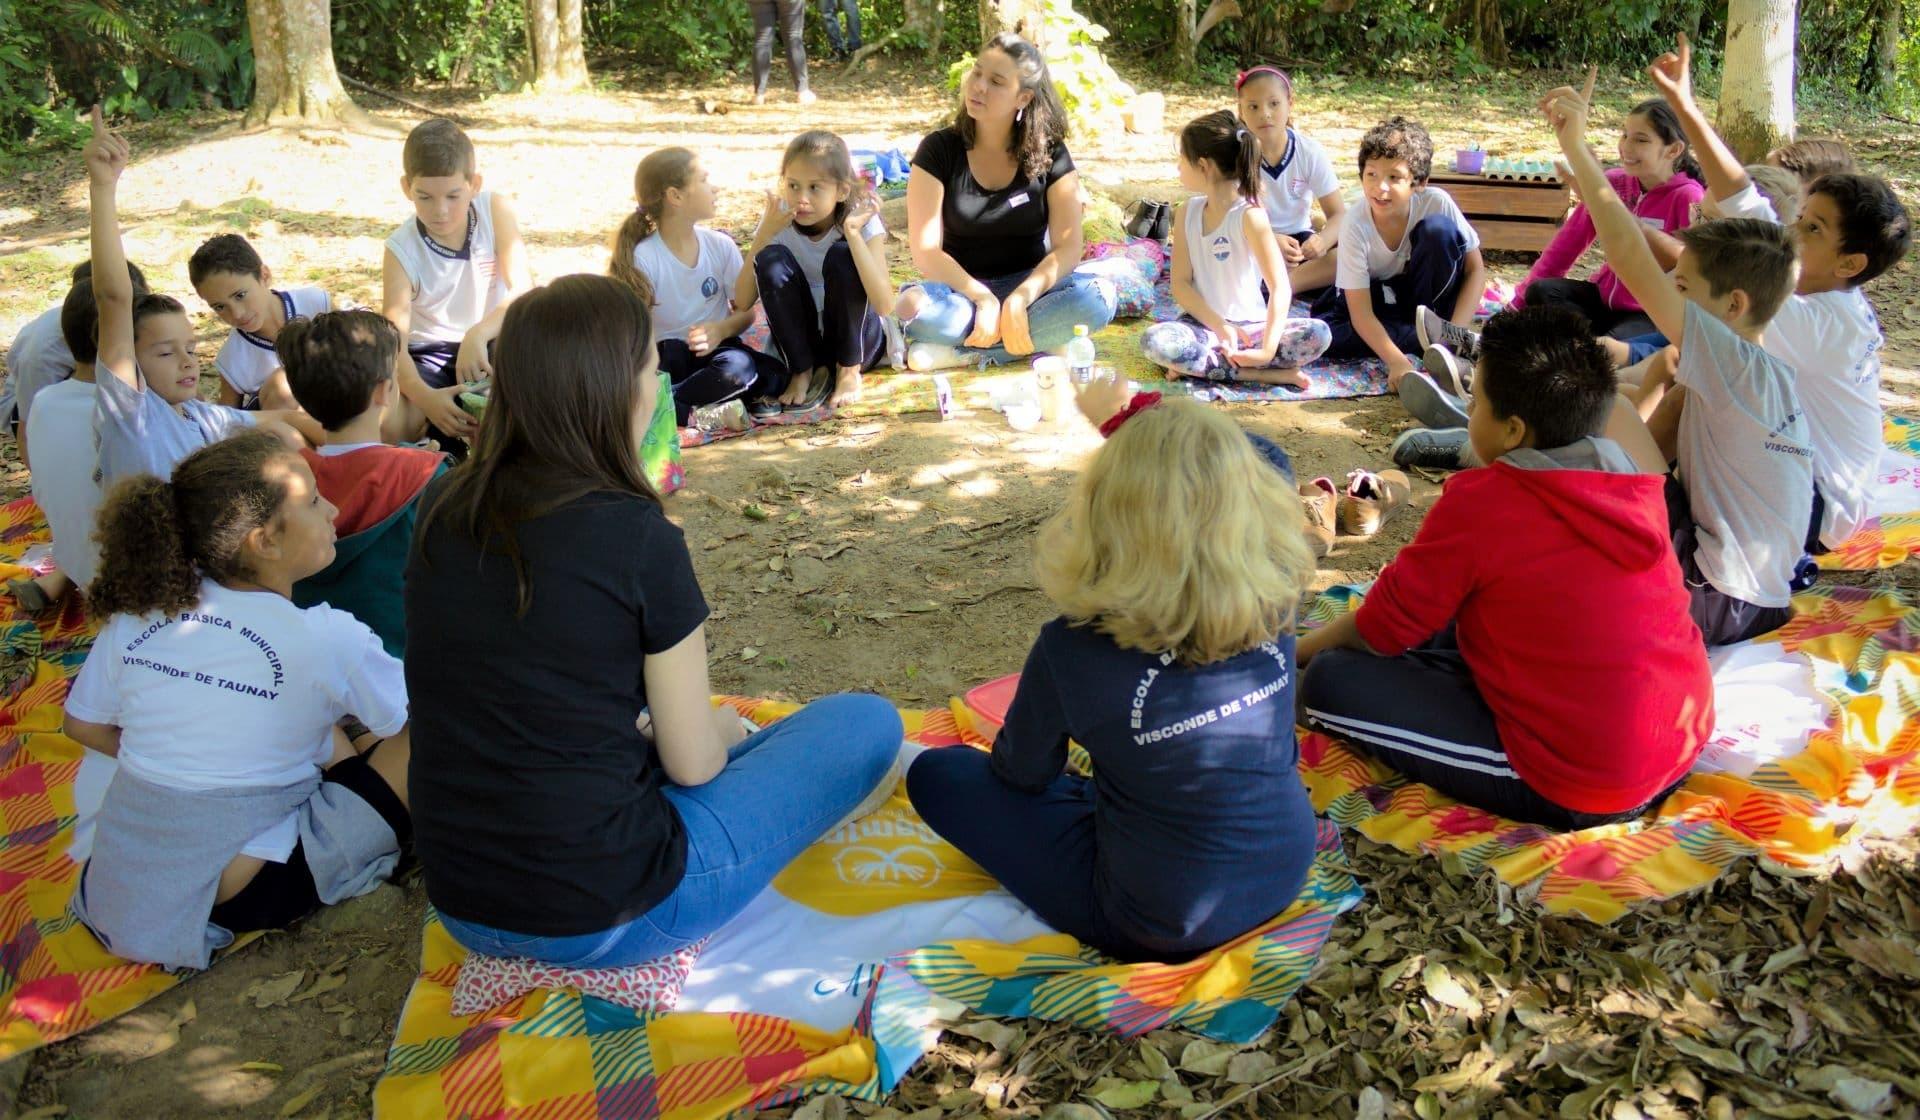 Crianças sentadas em roda, ao ar livre, aprendendo sobre meio ambiente e sustentabilidade.